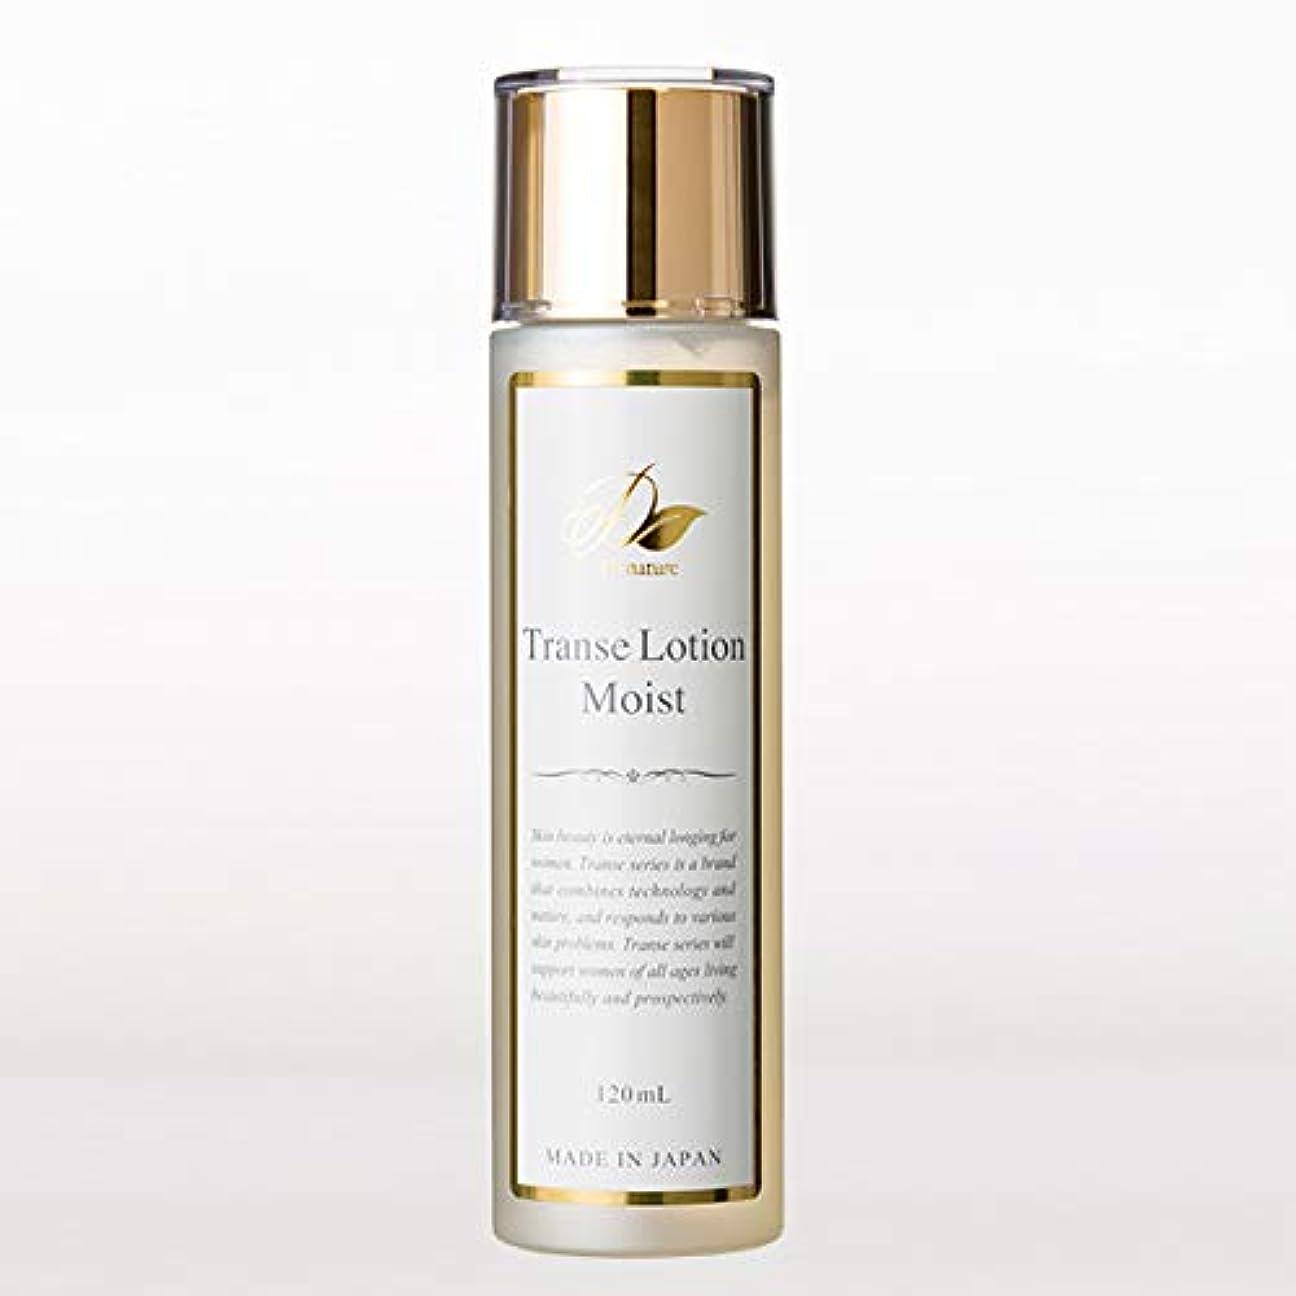 ラショナル放散する可決トランス 化粧水 Moist 120ml しっとりタイプ「明るく 透明感 トーンアップ ブライトニング メラニン対策 エイジングケア」